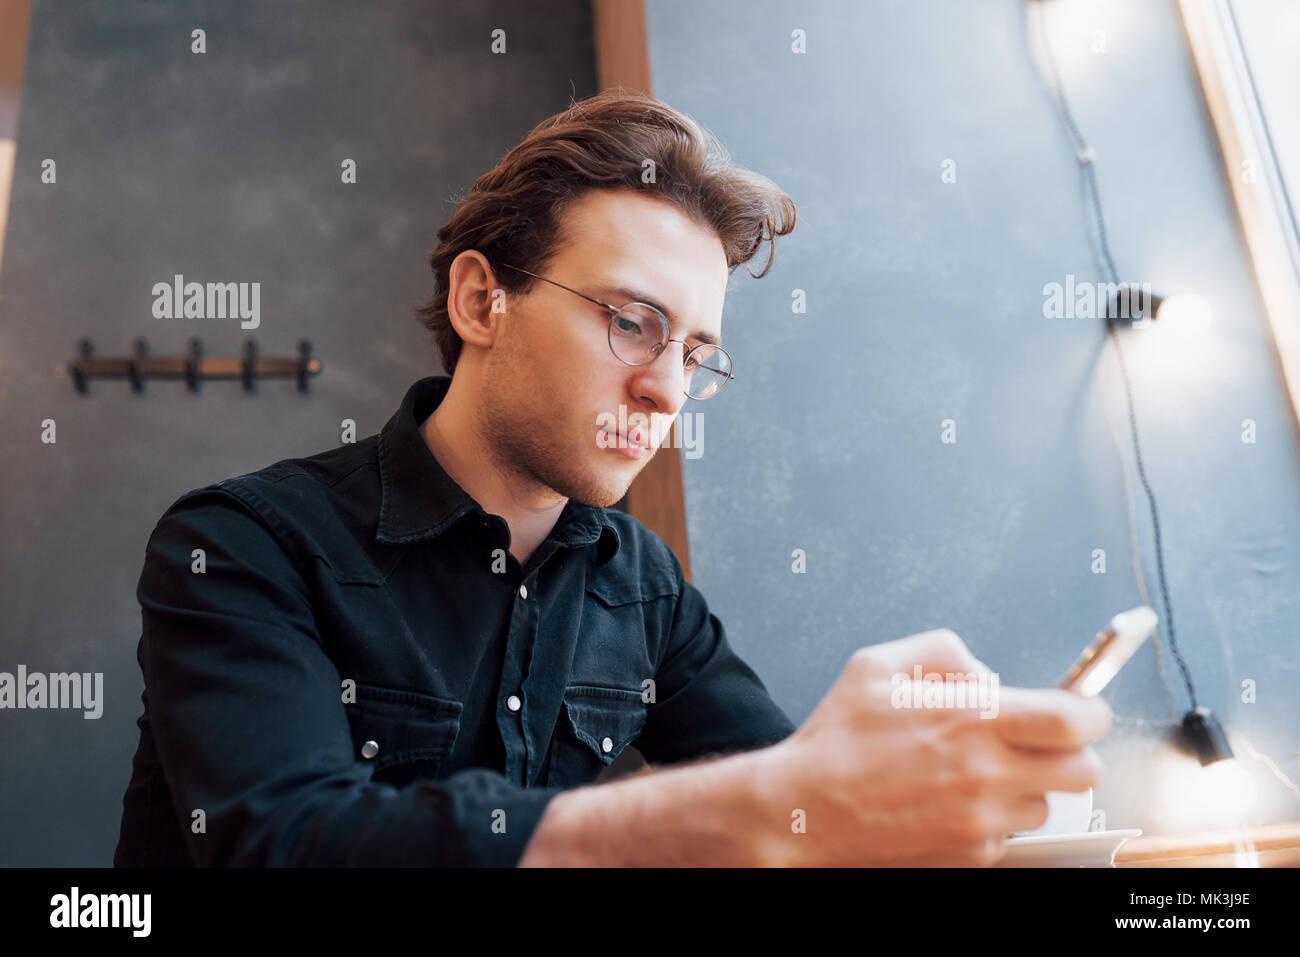 Retrato apuesto hombre barbado auriculares ver video teléfono móvil Moderno loft studio.hombre sentado en la silla vintage, sosteniendo el smartphone y relajante.Horizontal, de cine, de efecto bokeh Imagen De Stock